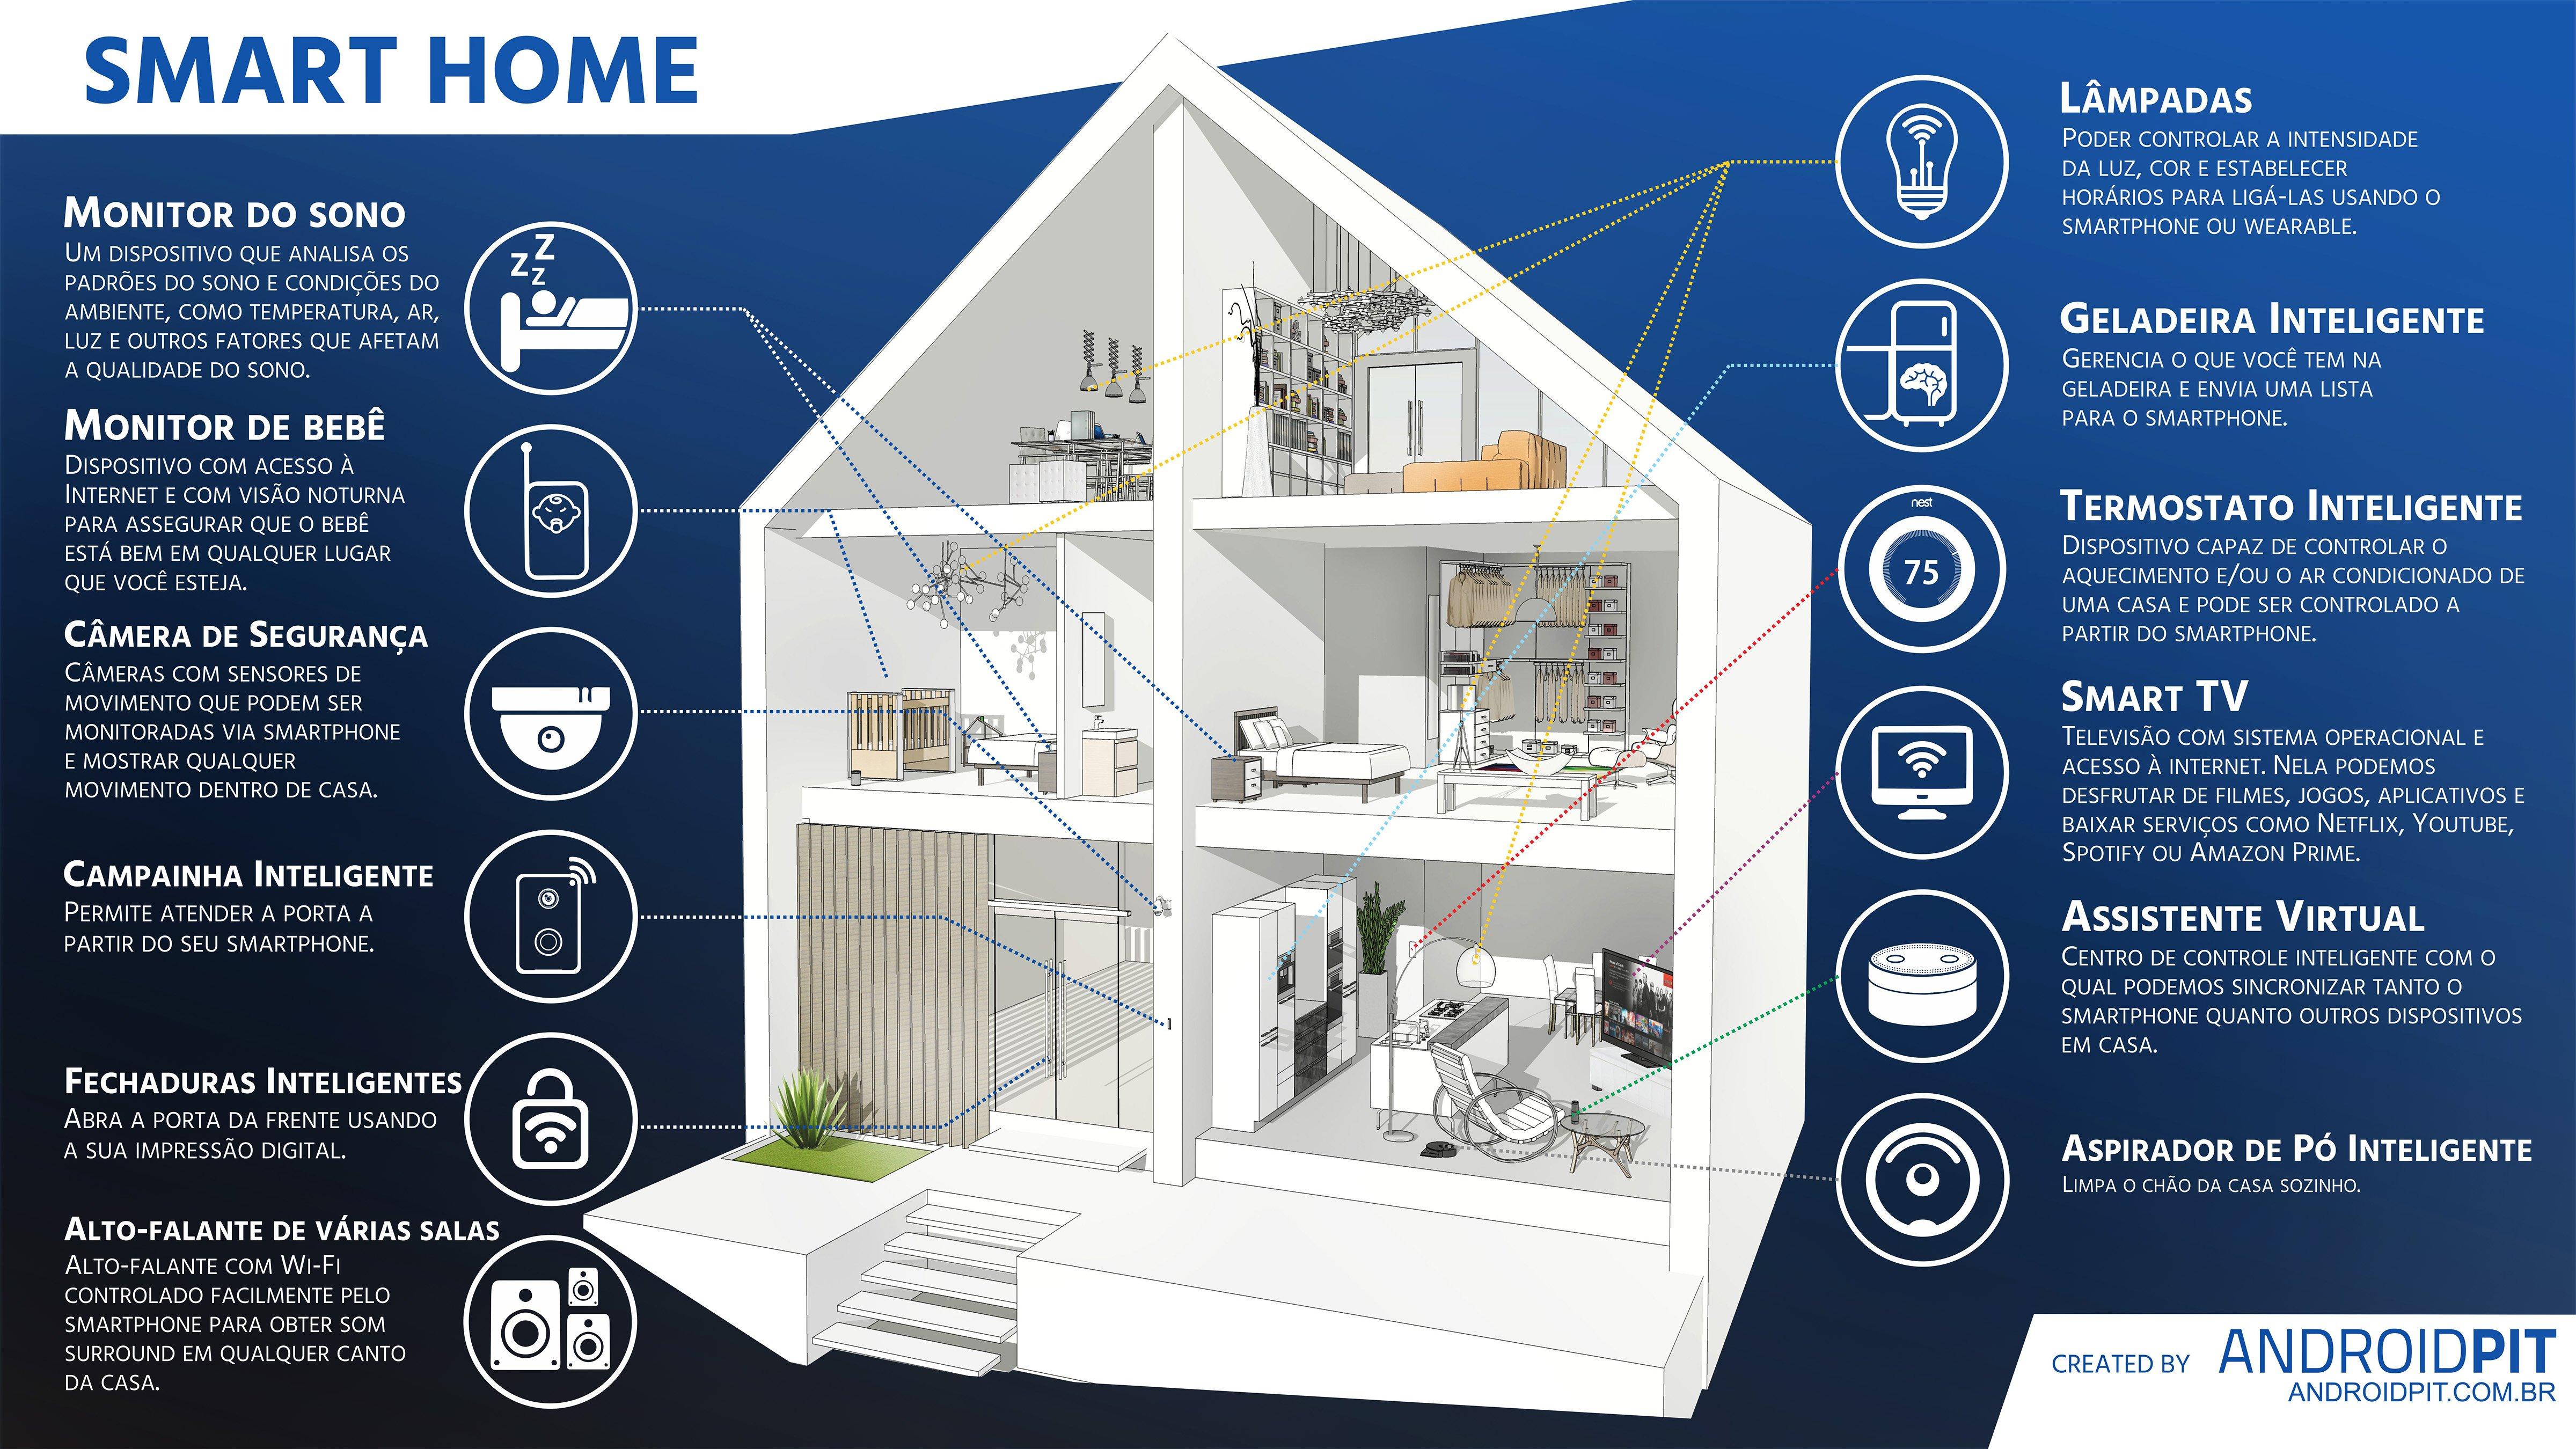 primeiros passos para transformar sua casa em uma smart home androidpit. Black Bedroom Furniture Sets. Home Design Ideas